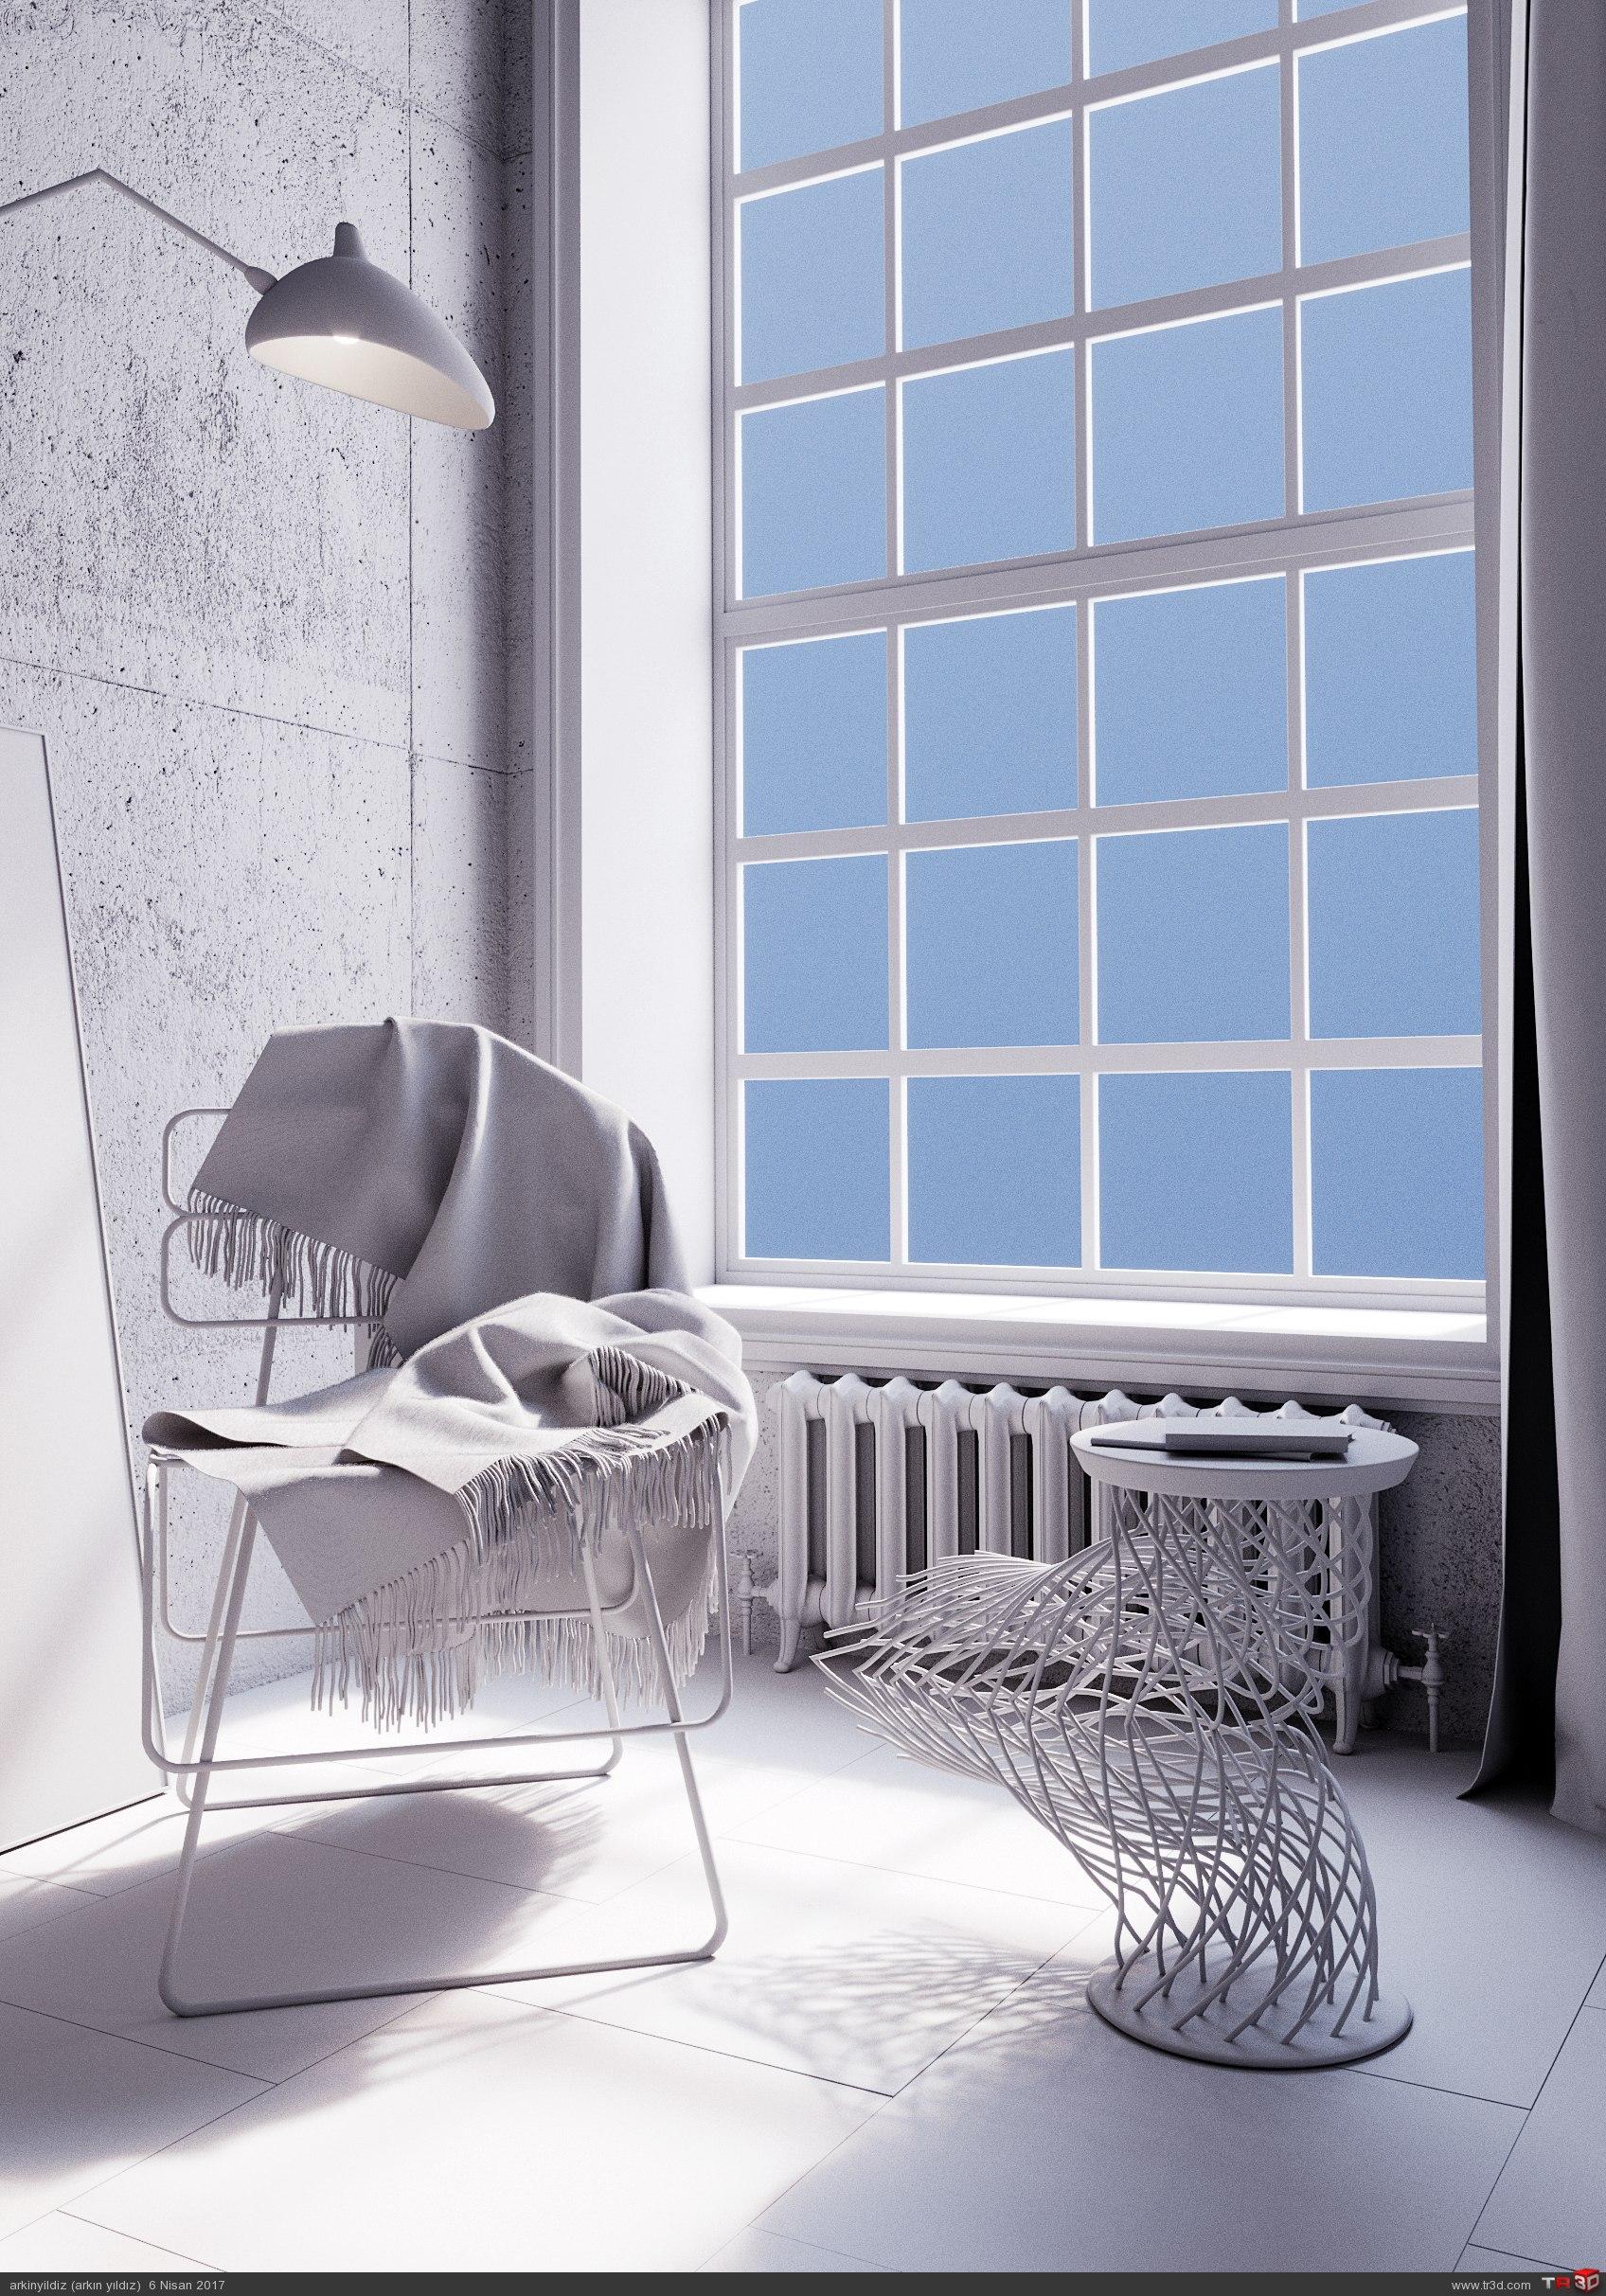 İnterior Design - Concrete & Metal 4